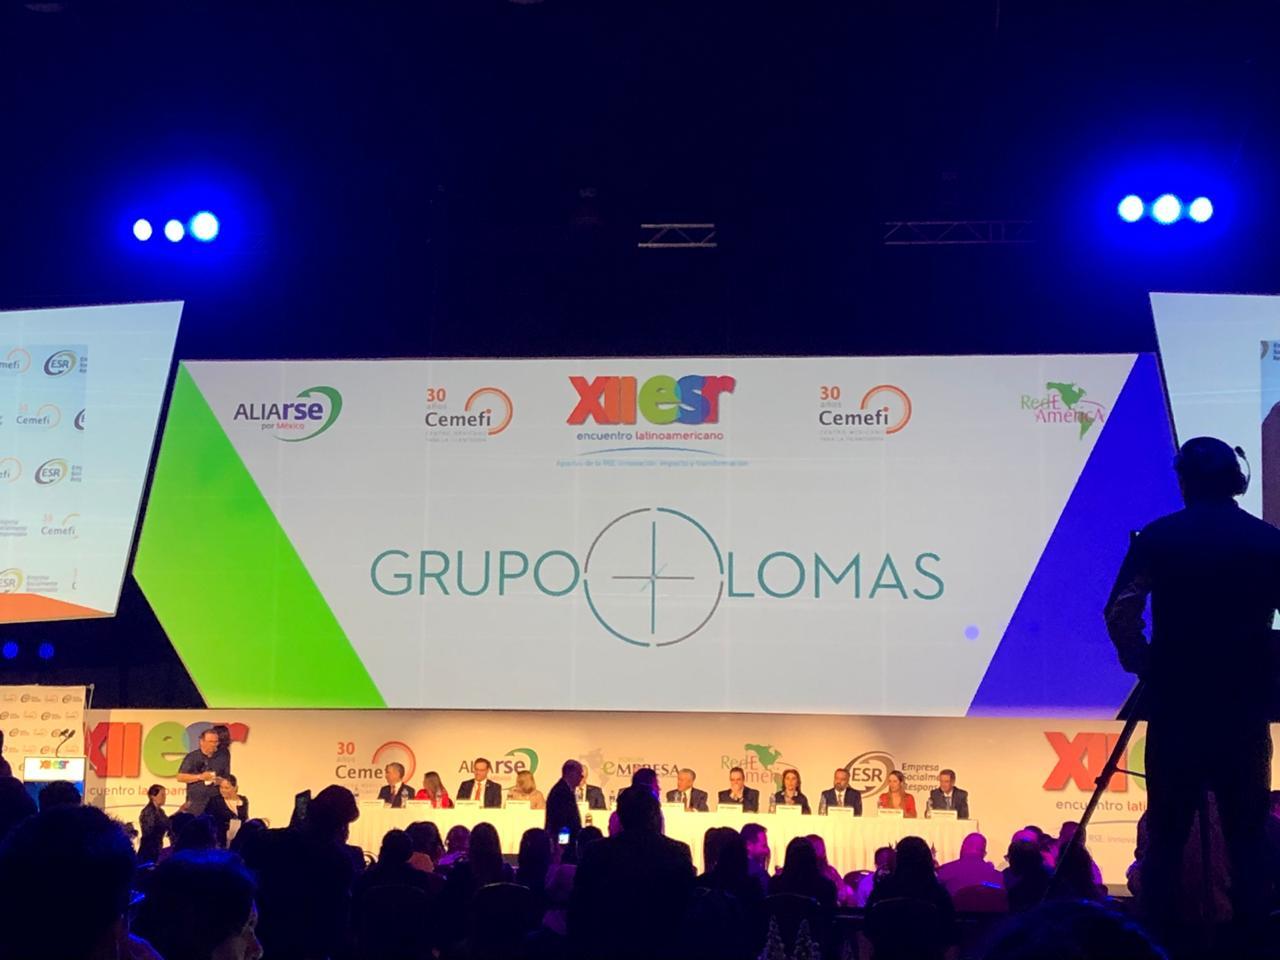 Cemefi y AliaRSE otorgan el Distintivo de Empresa Socialmente Responsable ESR® 2019 a Grupo Lomas.